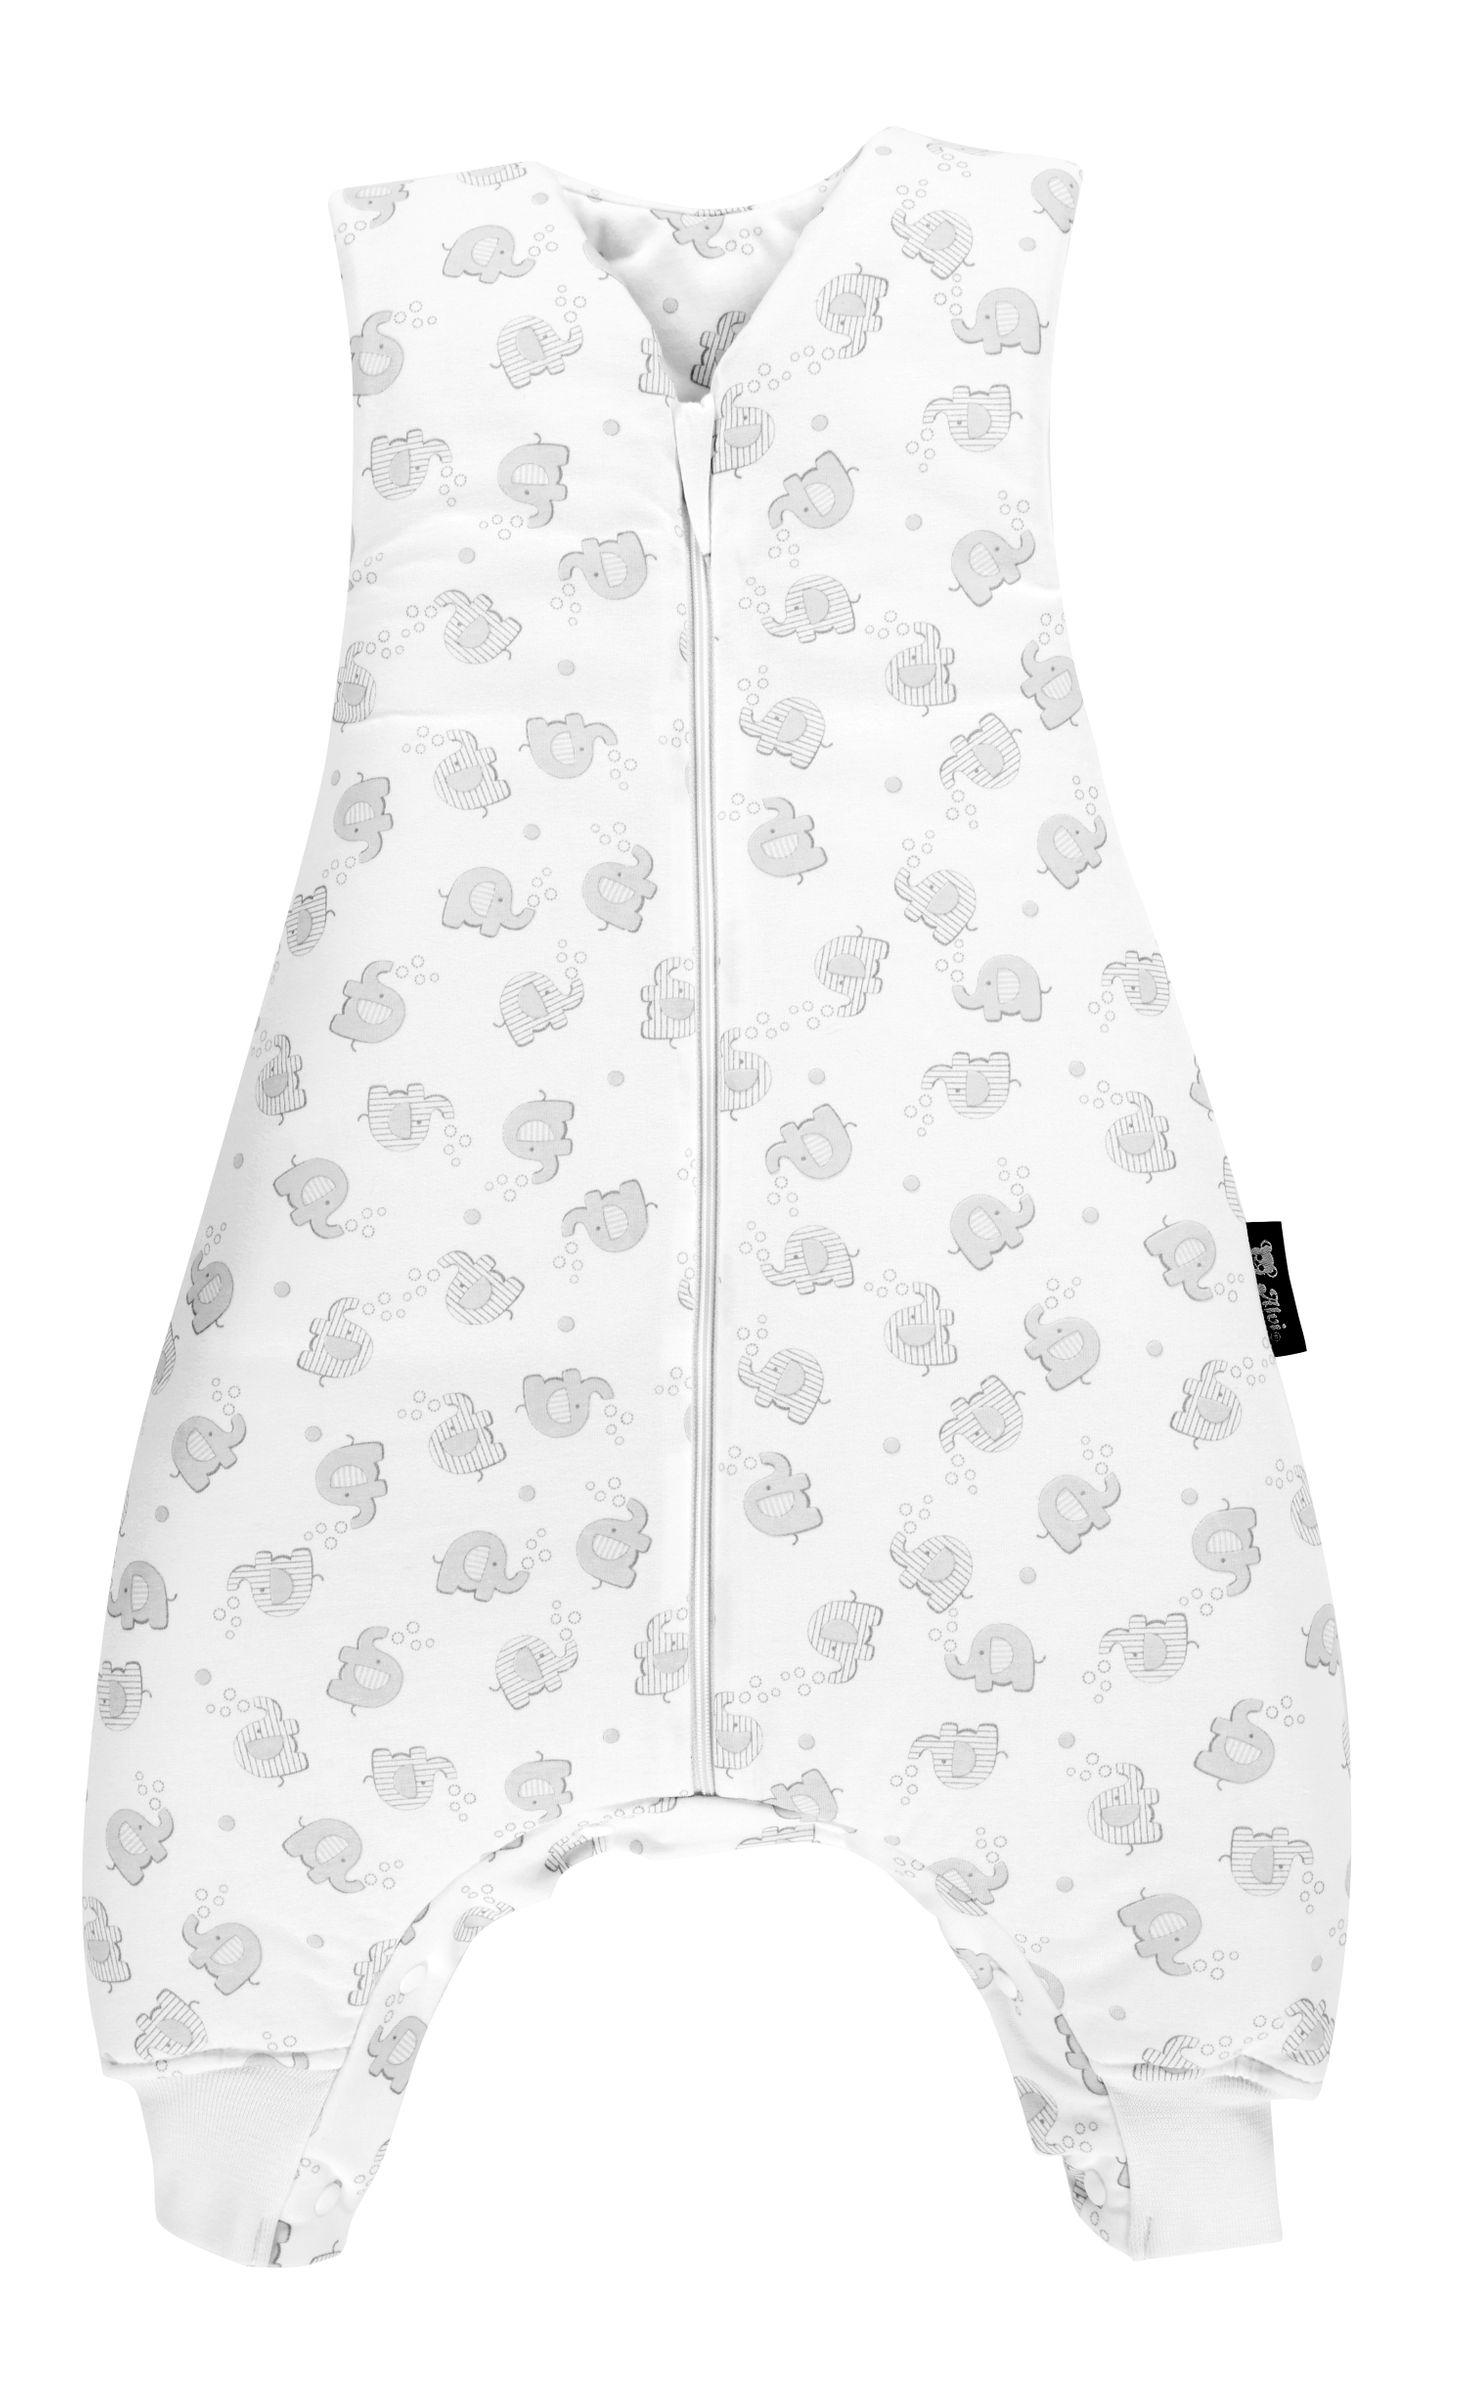 Gr/ö/ße:70 Alvi Schlafsack mit Beinen//Alvi Baby-Schlafsack Sleep-Walker mit F/ü/ßen//Kinderschlafsack mit Tencel klimaregulierend Design:Stars silber 100/% aus nachwachsenden Rohstoffen